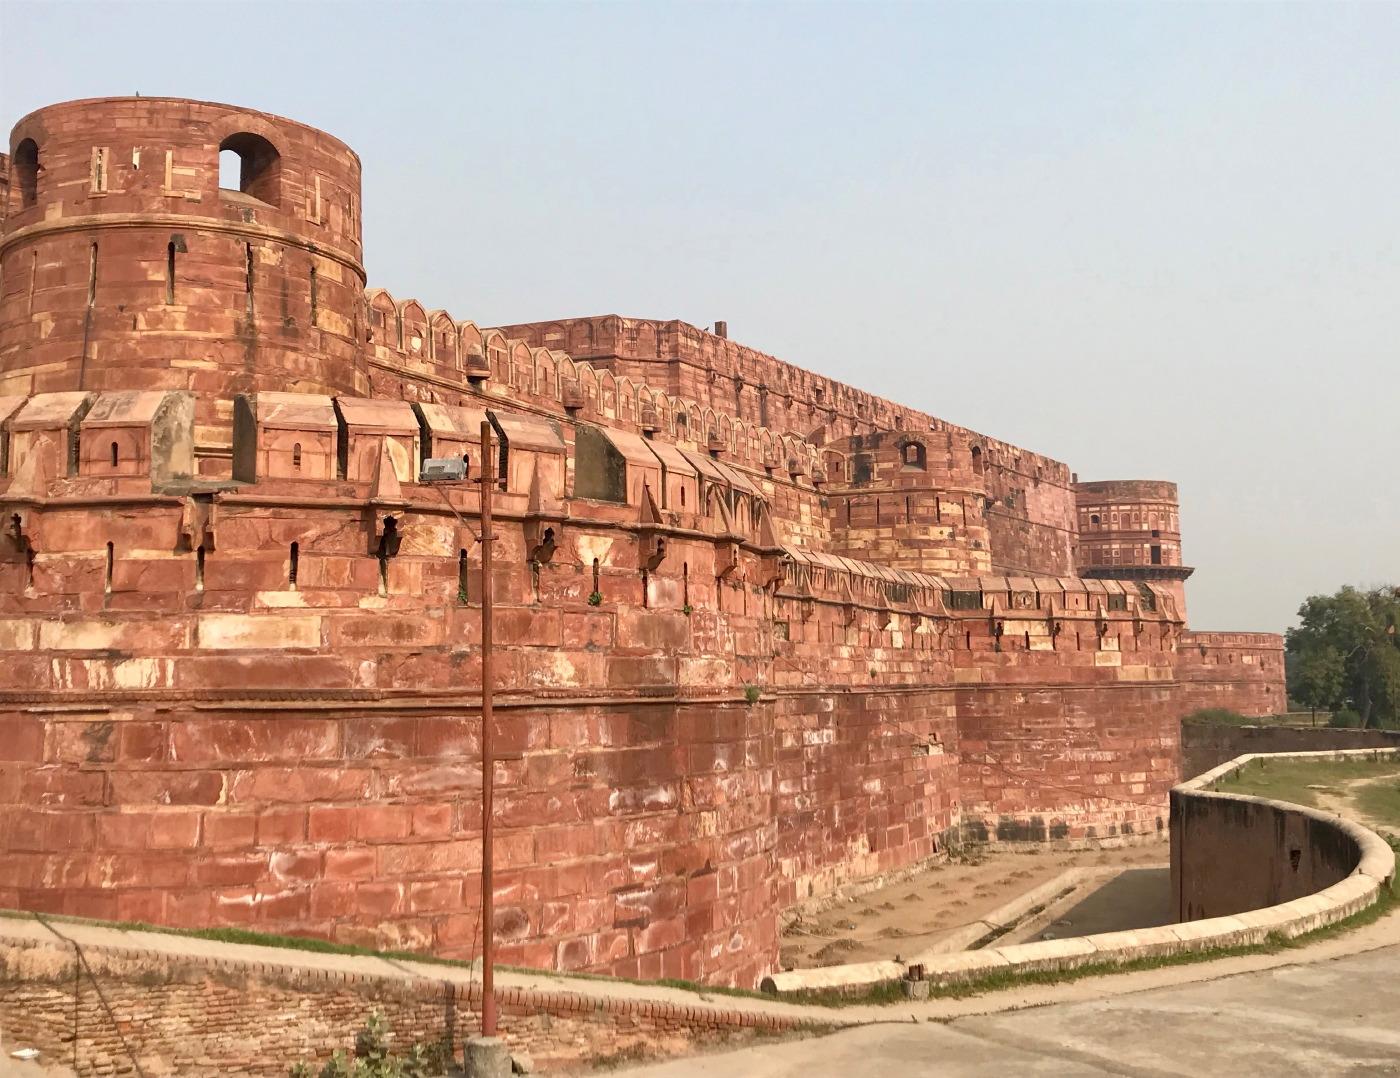 Agra (21 au 23 novembre)_3.JPG